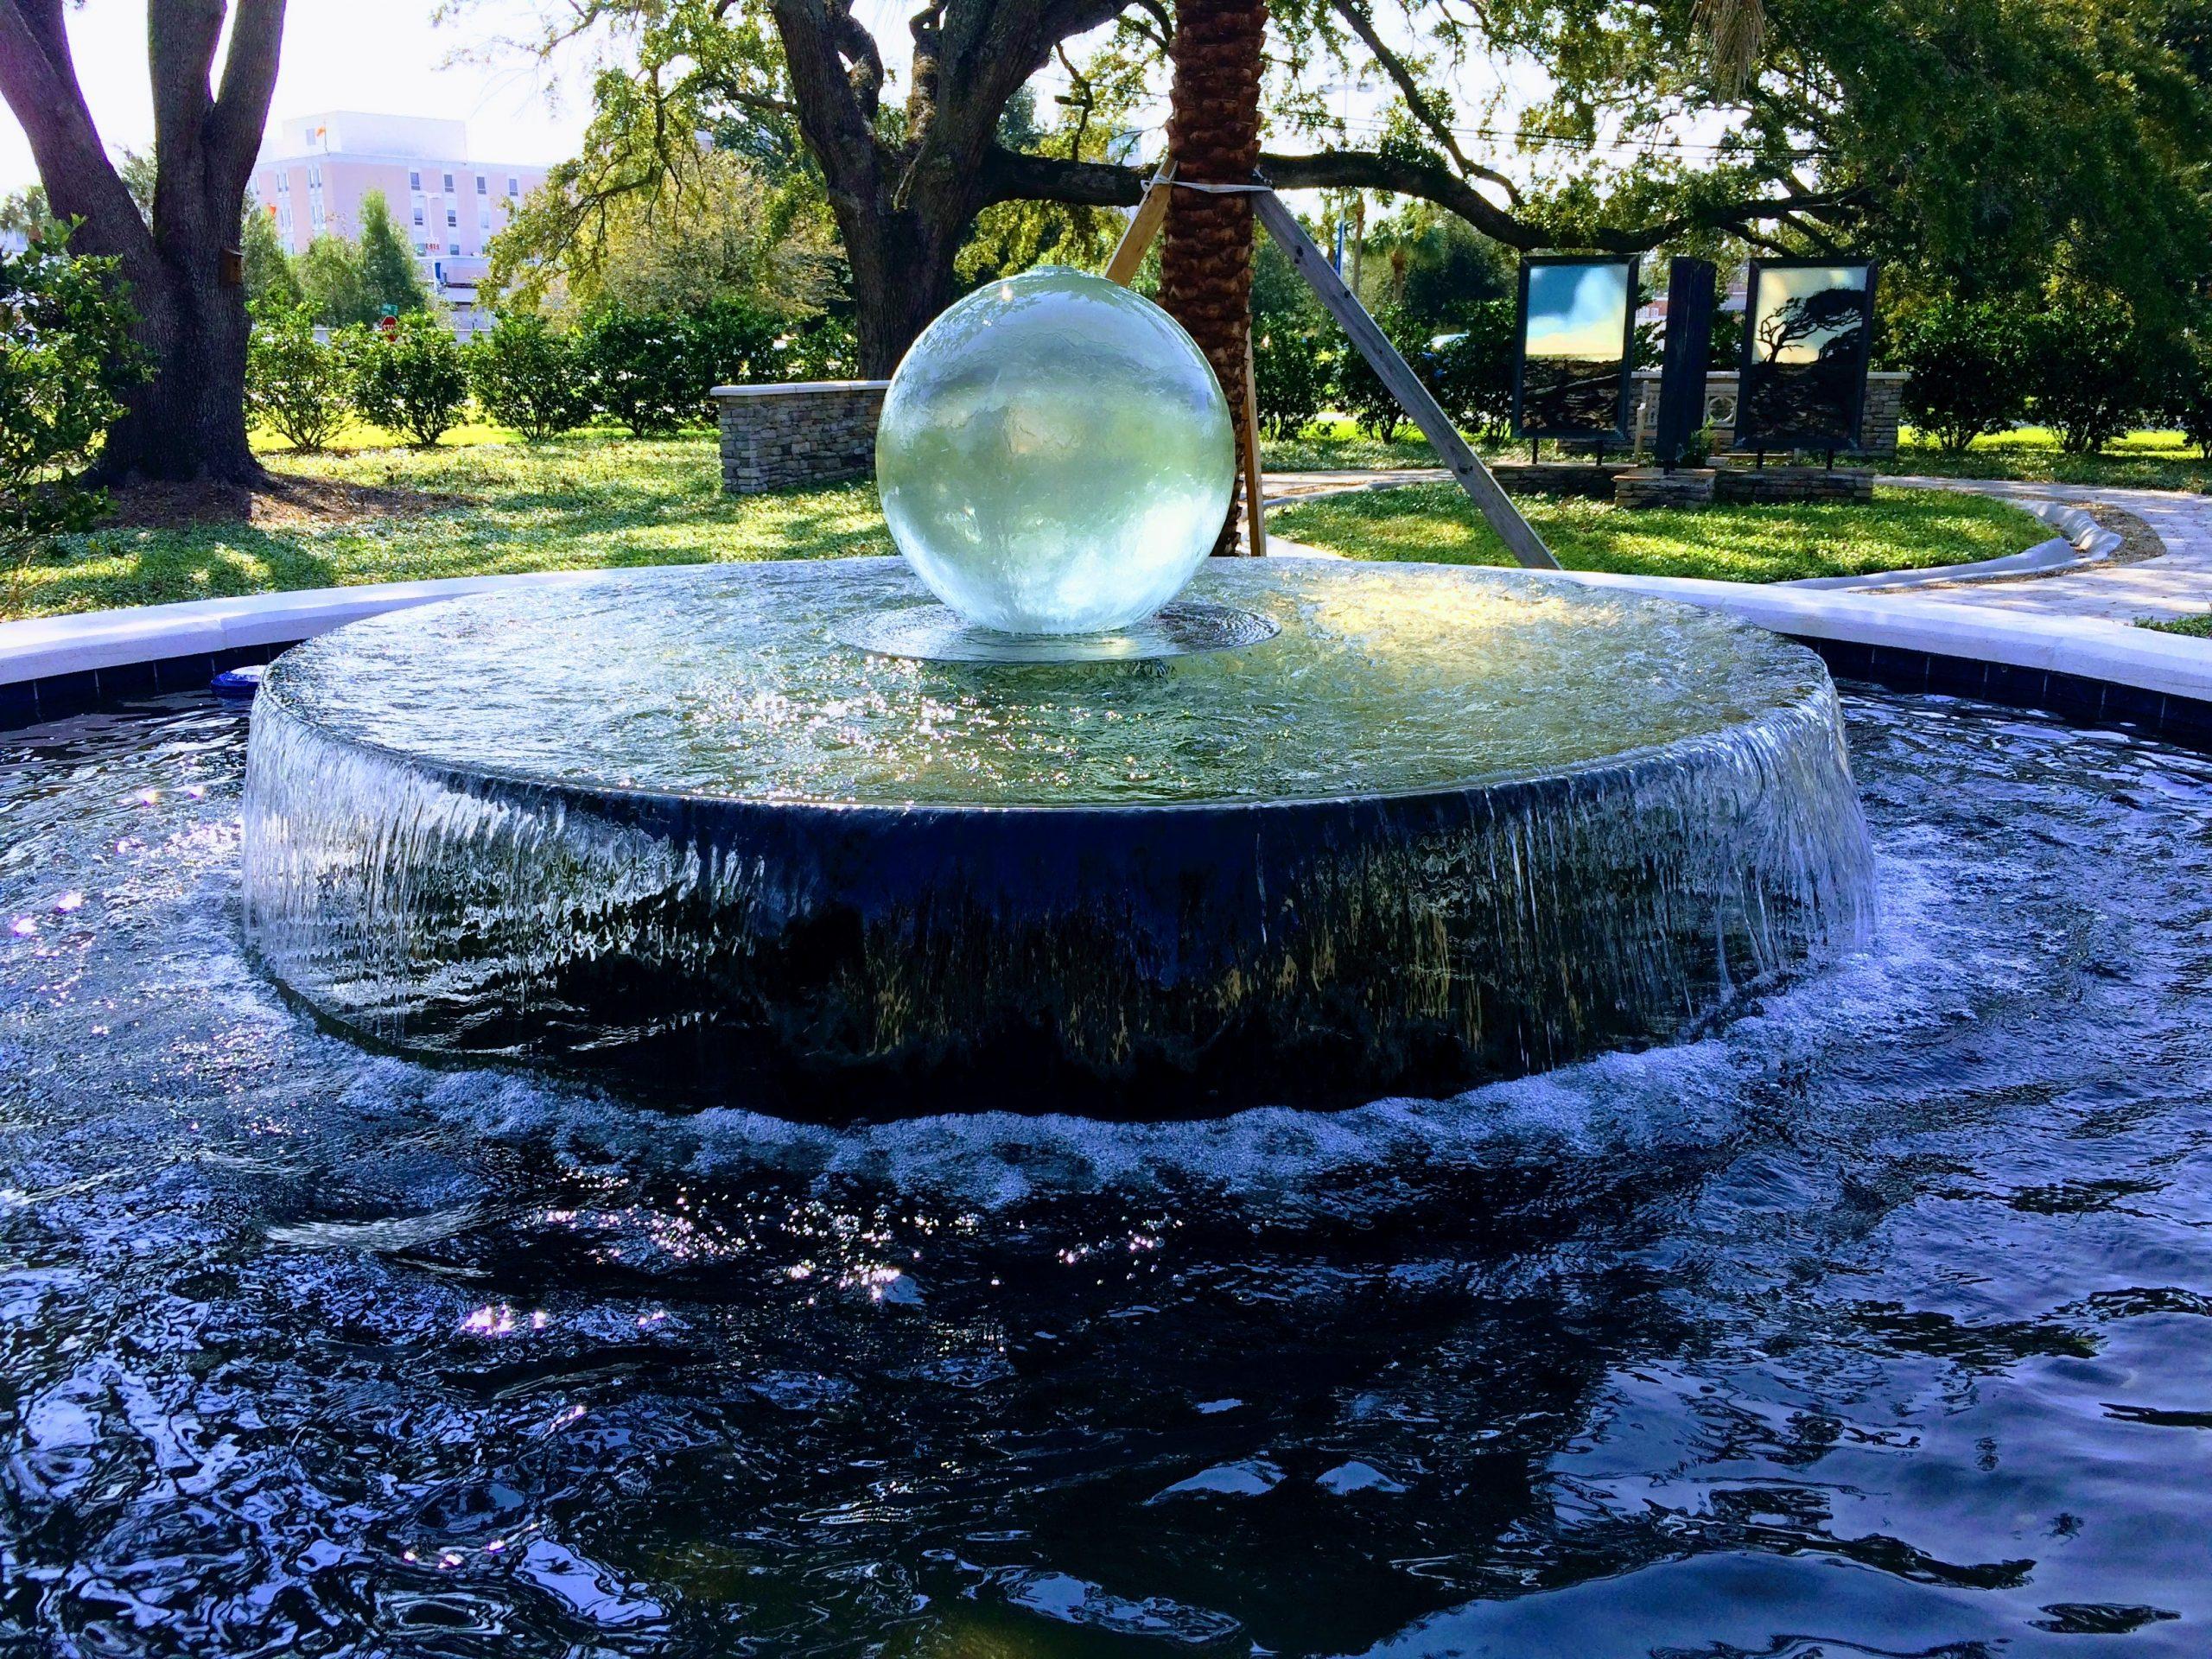 Aqualens at Nunnally House